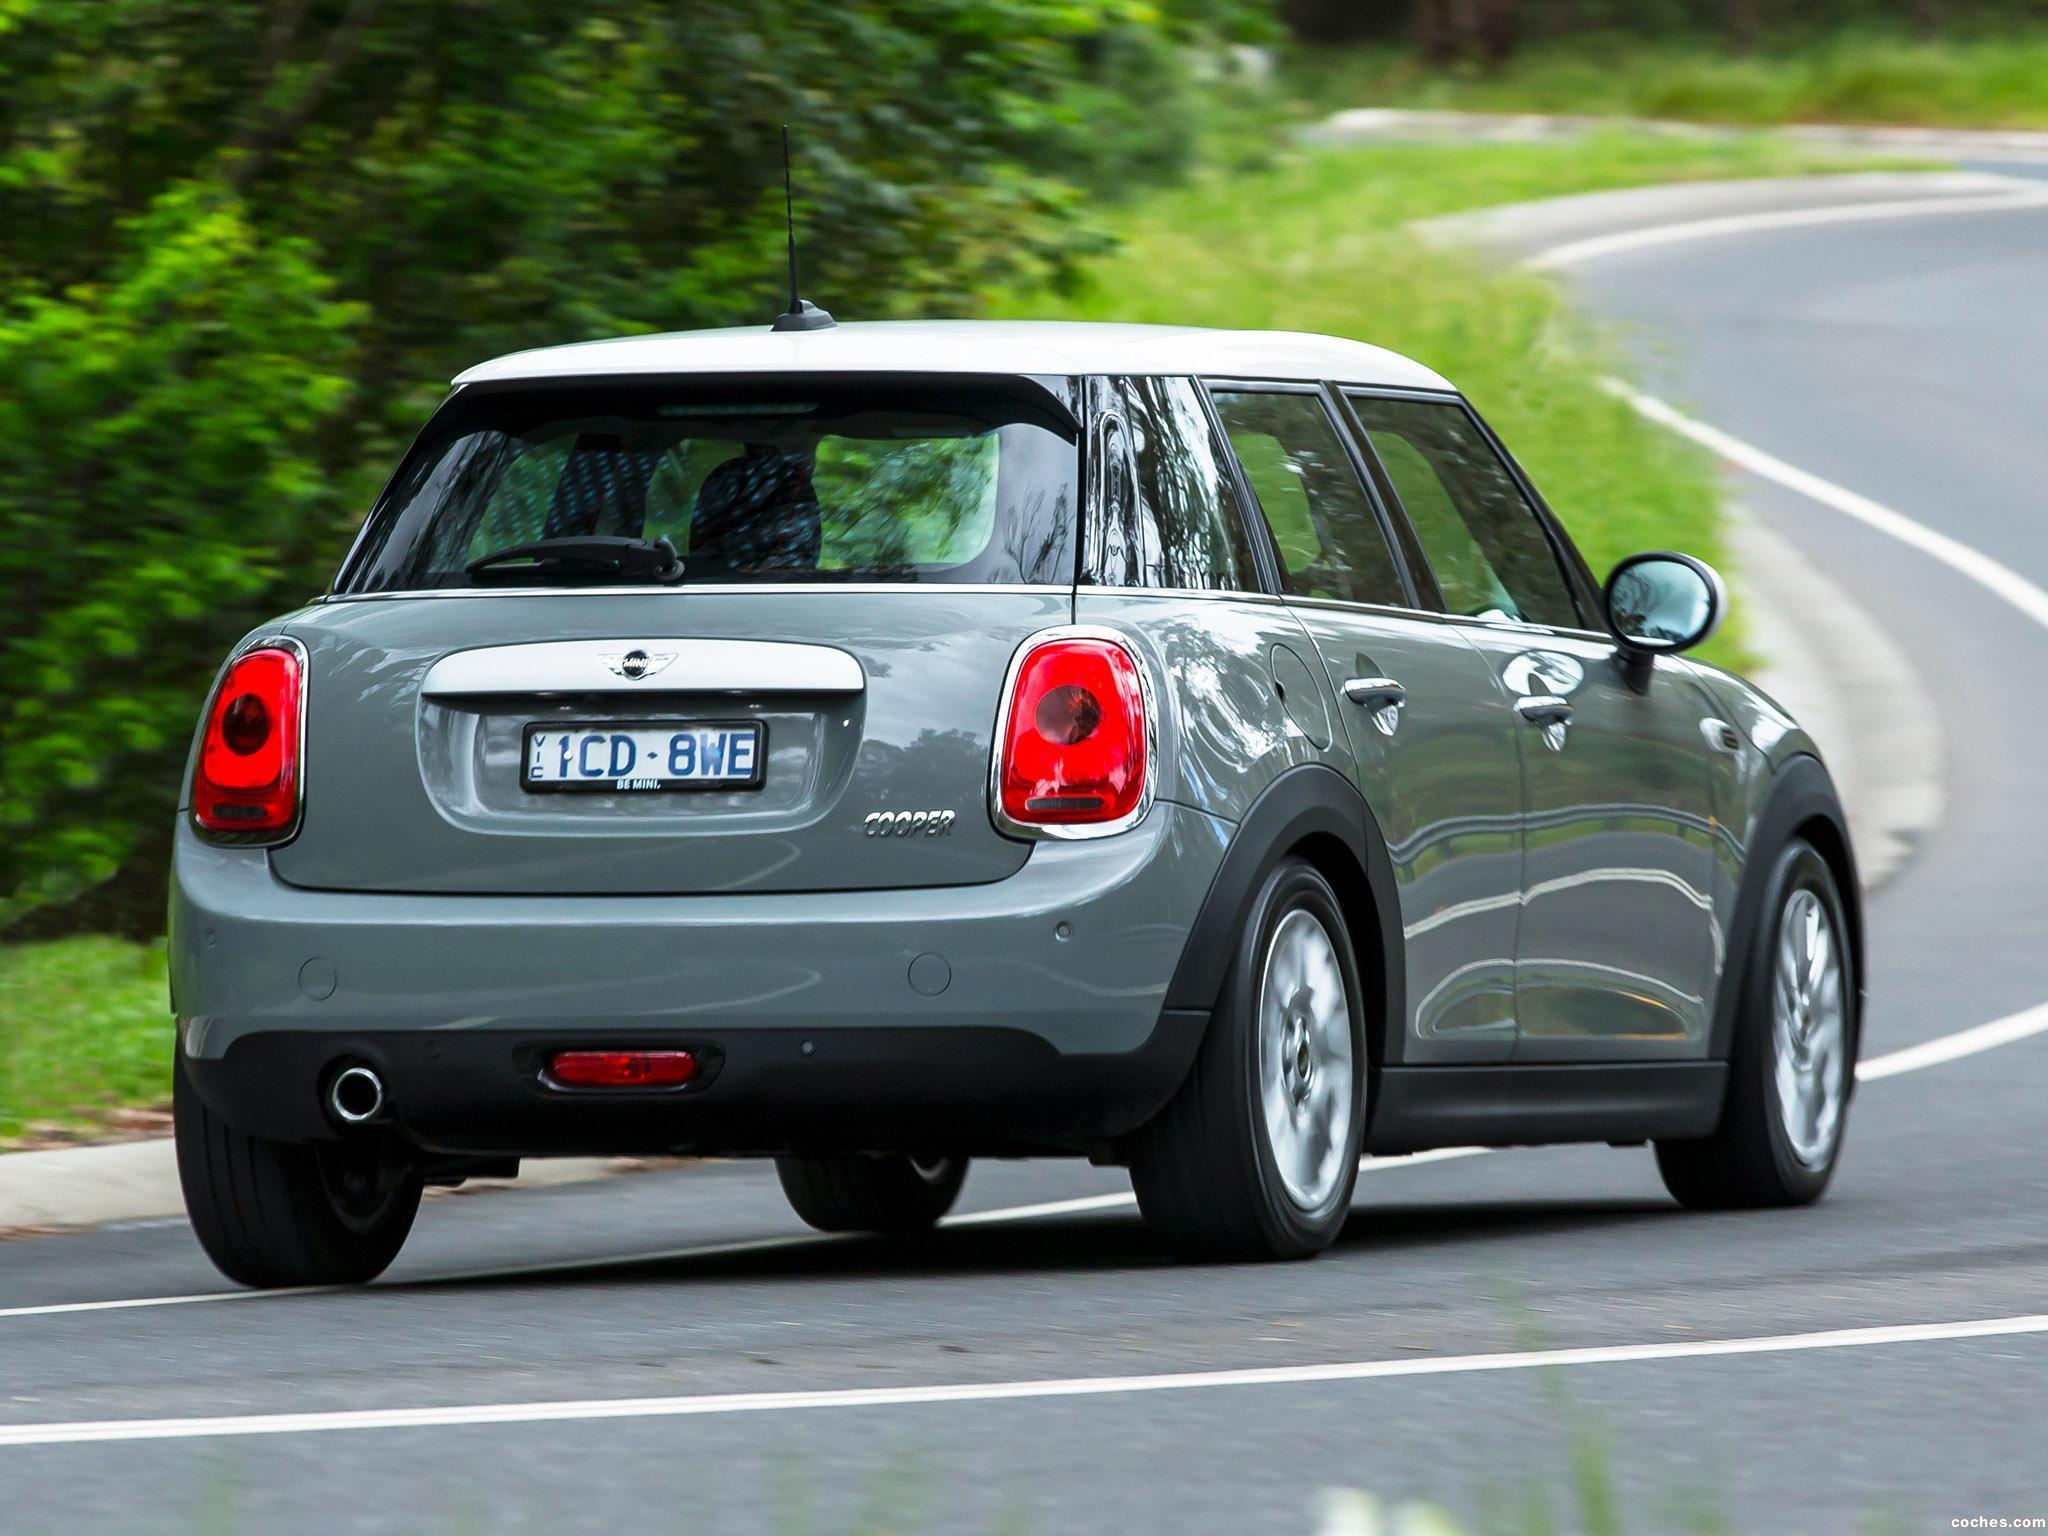 Fotos de mini cooper 5 puertas f56 australia 2014 foto 1 for Mini cooper 5 puertas segunda mano